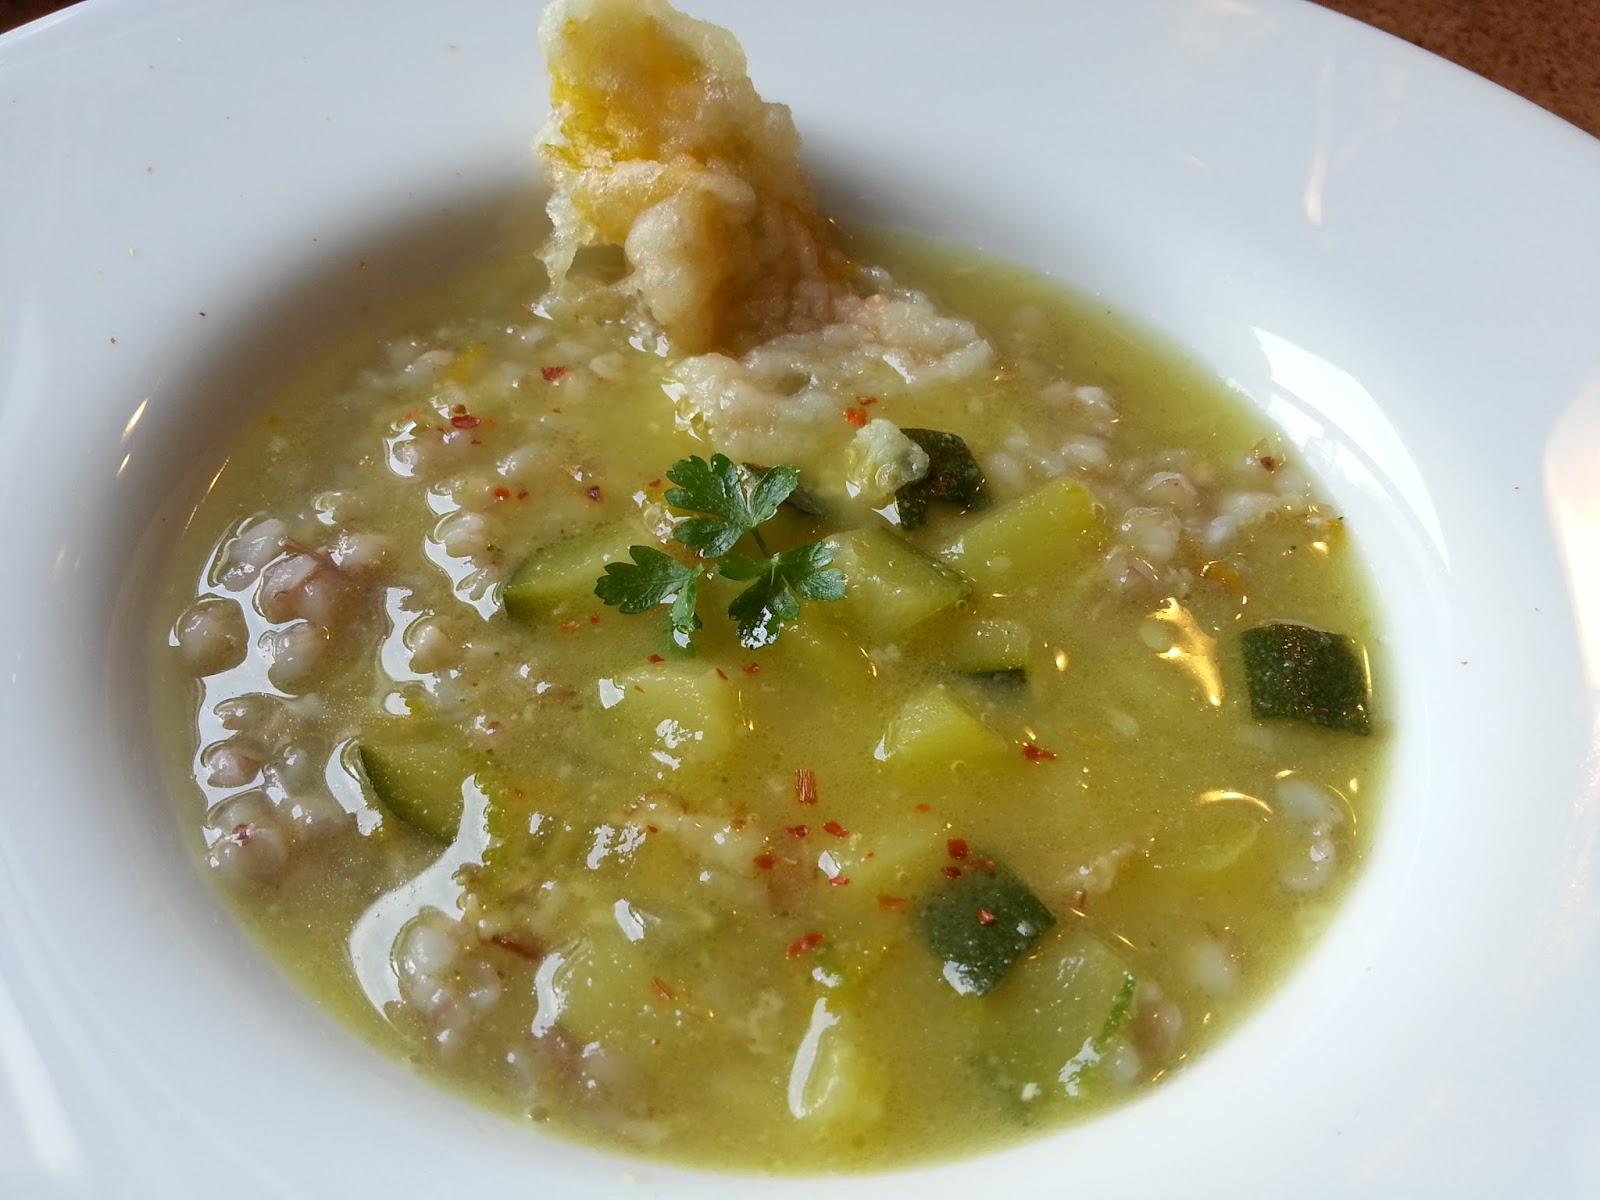 Fatemi cucinare zuppetta di grano saraceno e verdure for Cuocere v cucinare